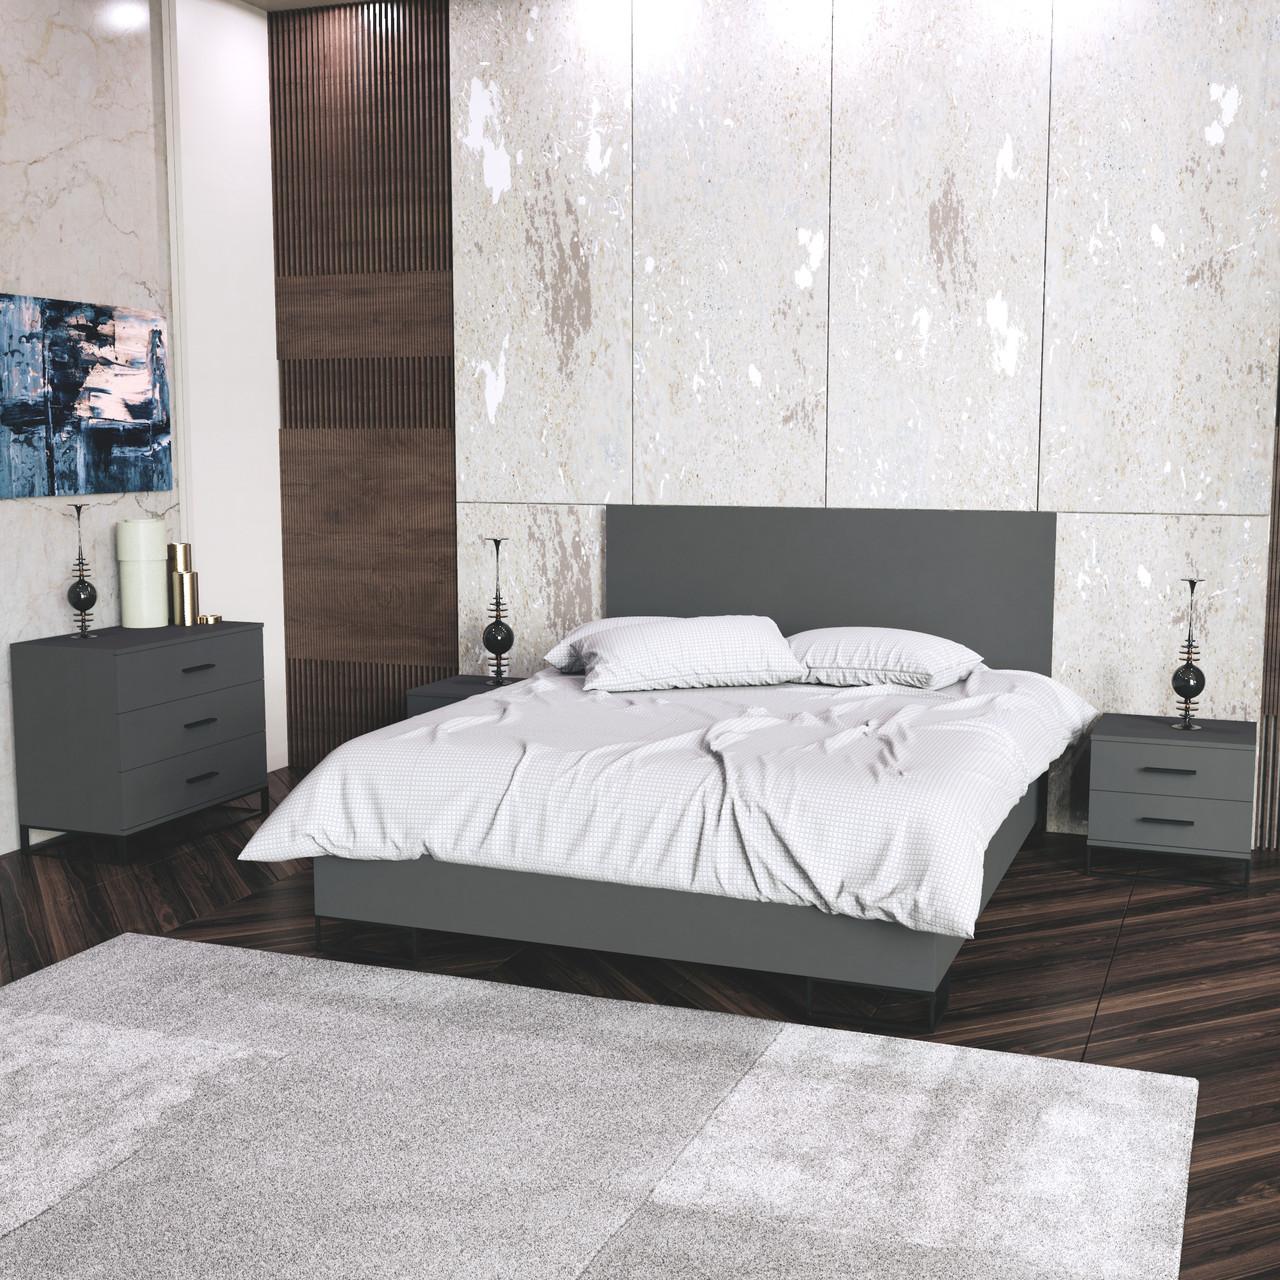 Спальний комплект Ascet b3 Графіт